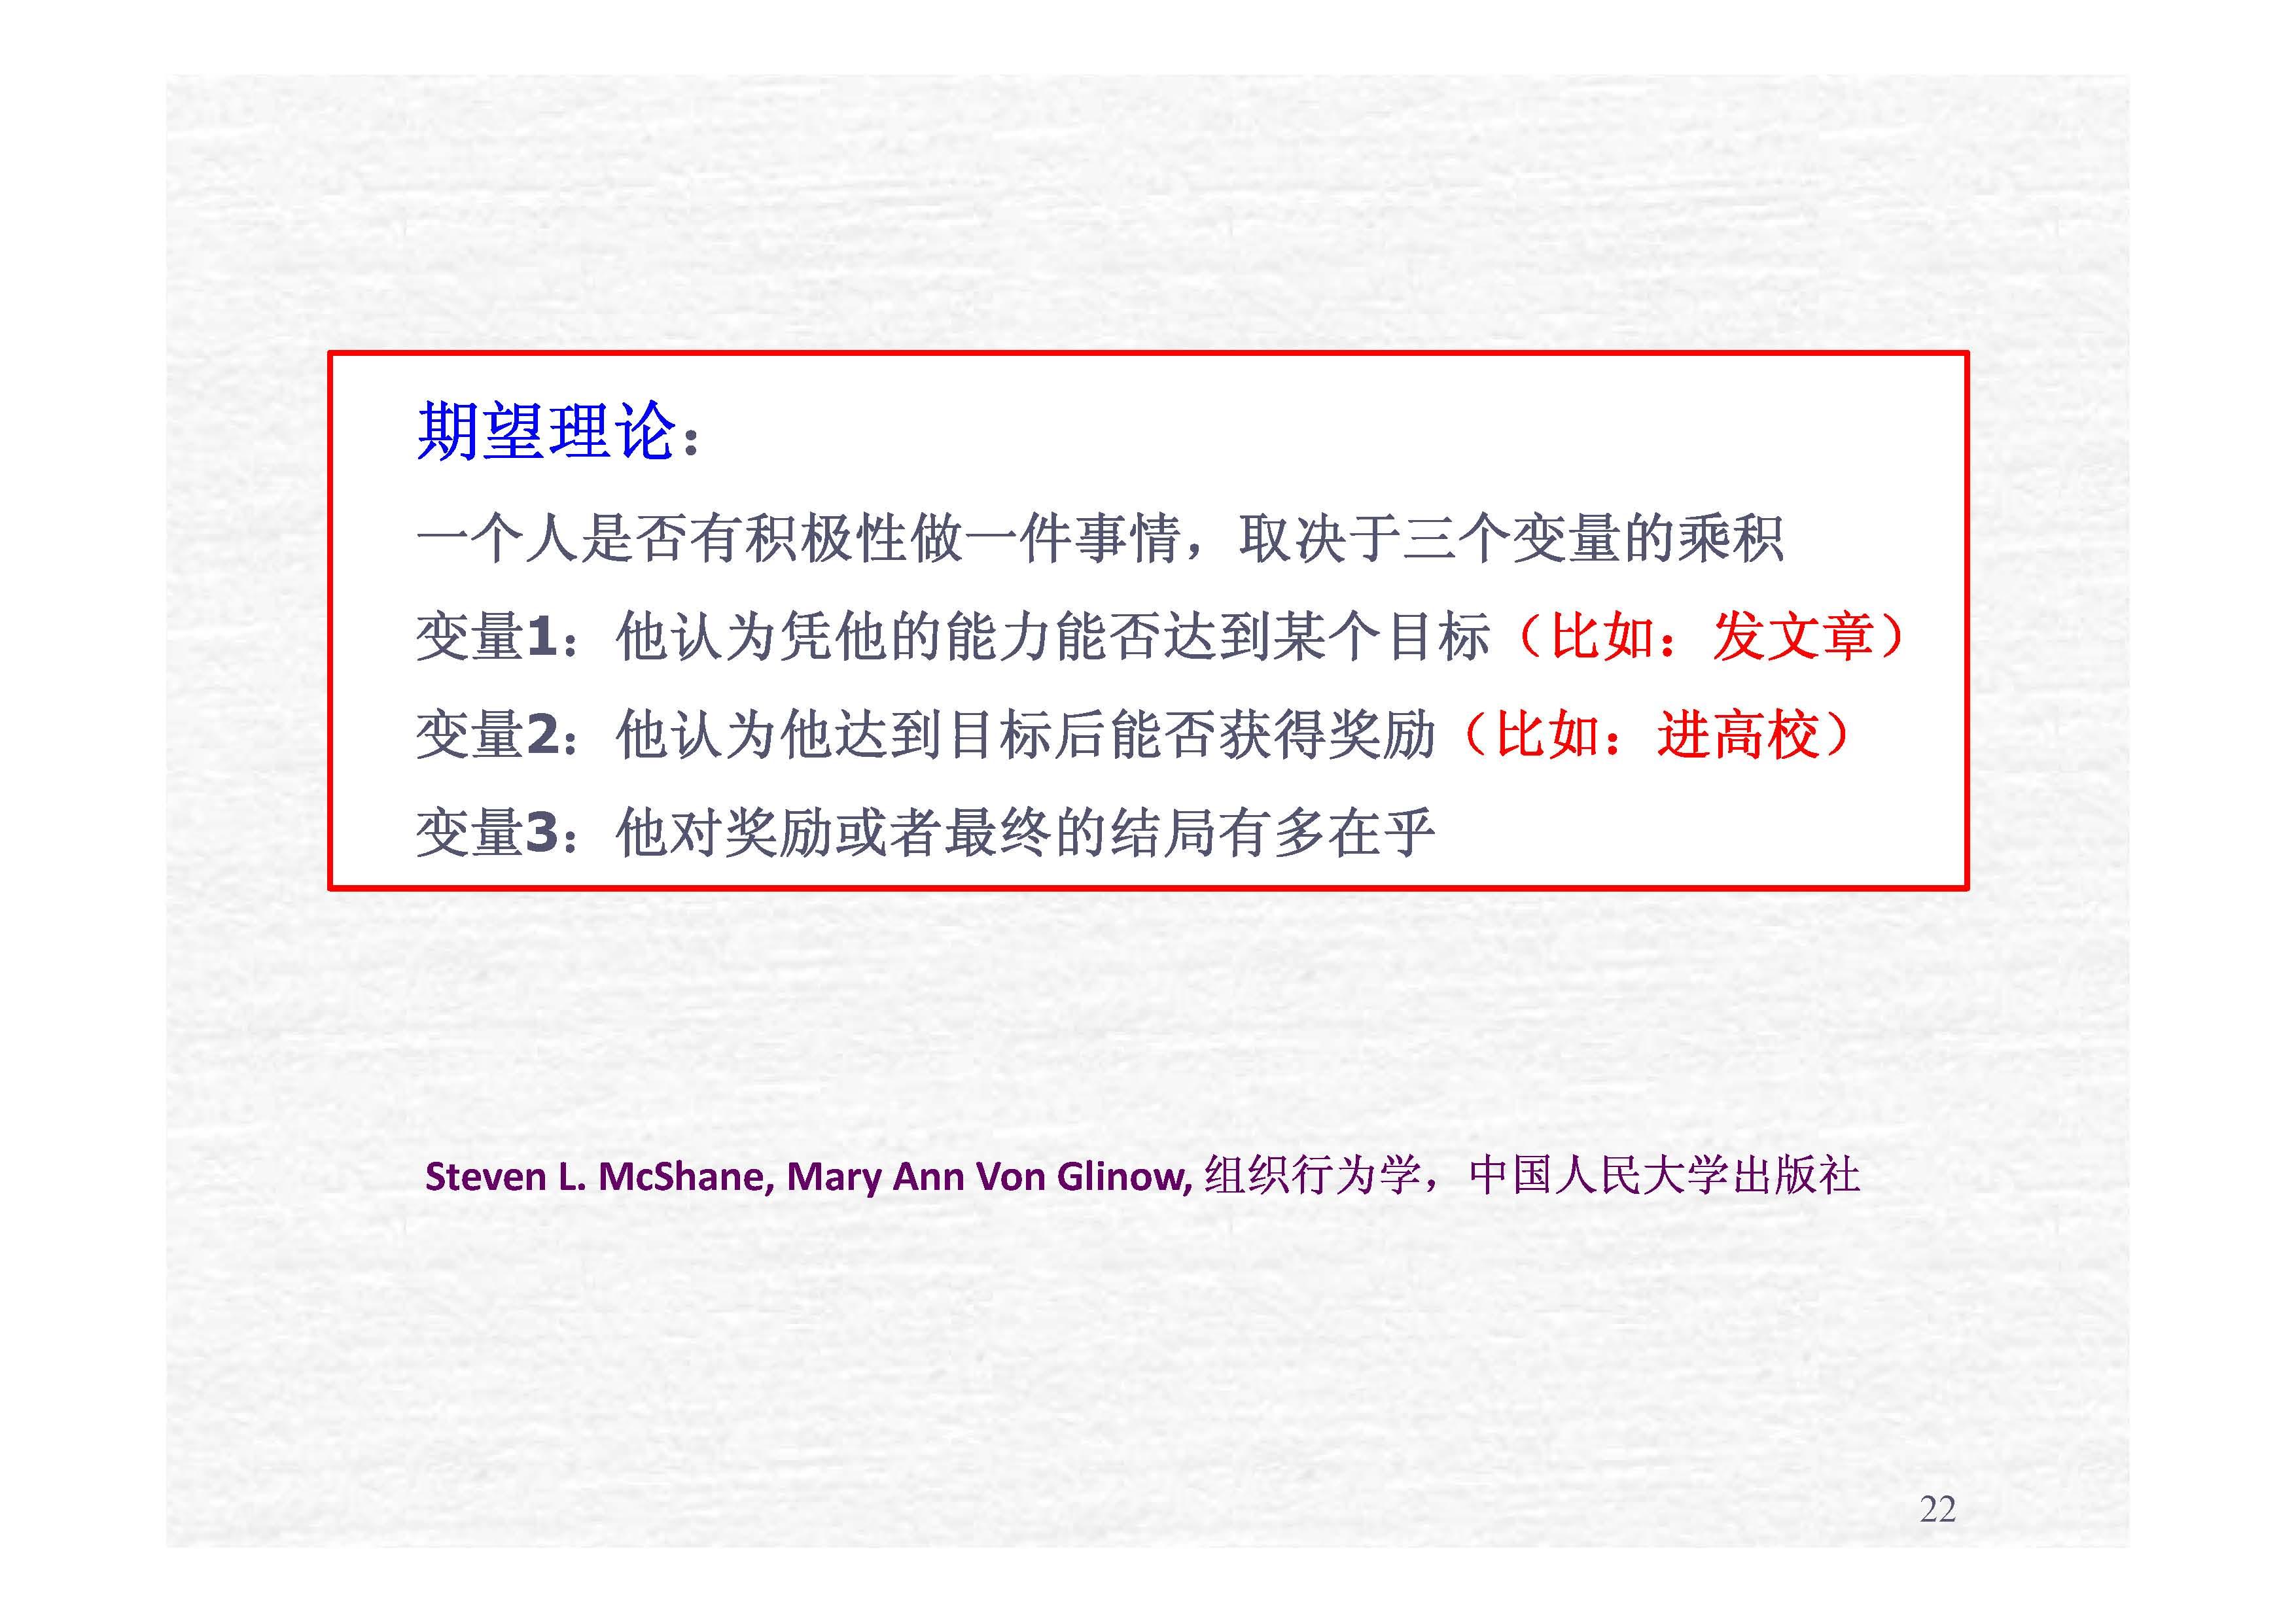 研究生师生矛盾及其化解对策-修订版-10_页面_22.jpg